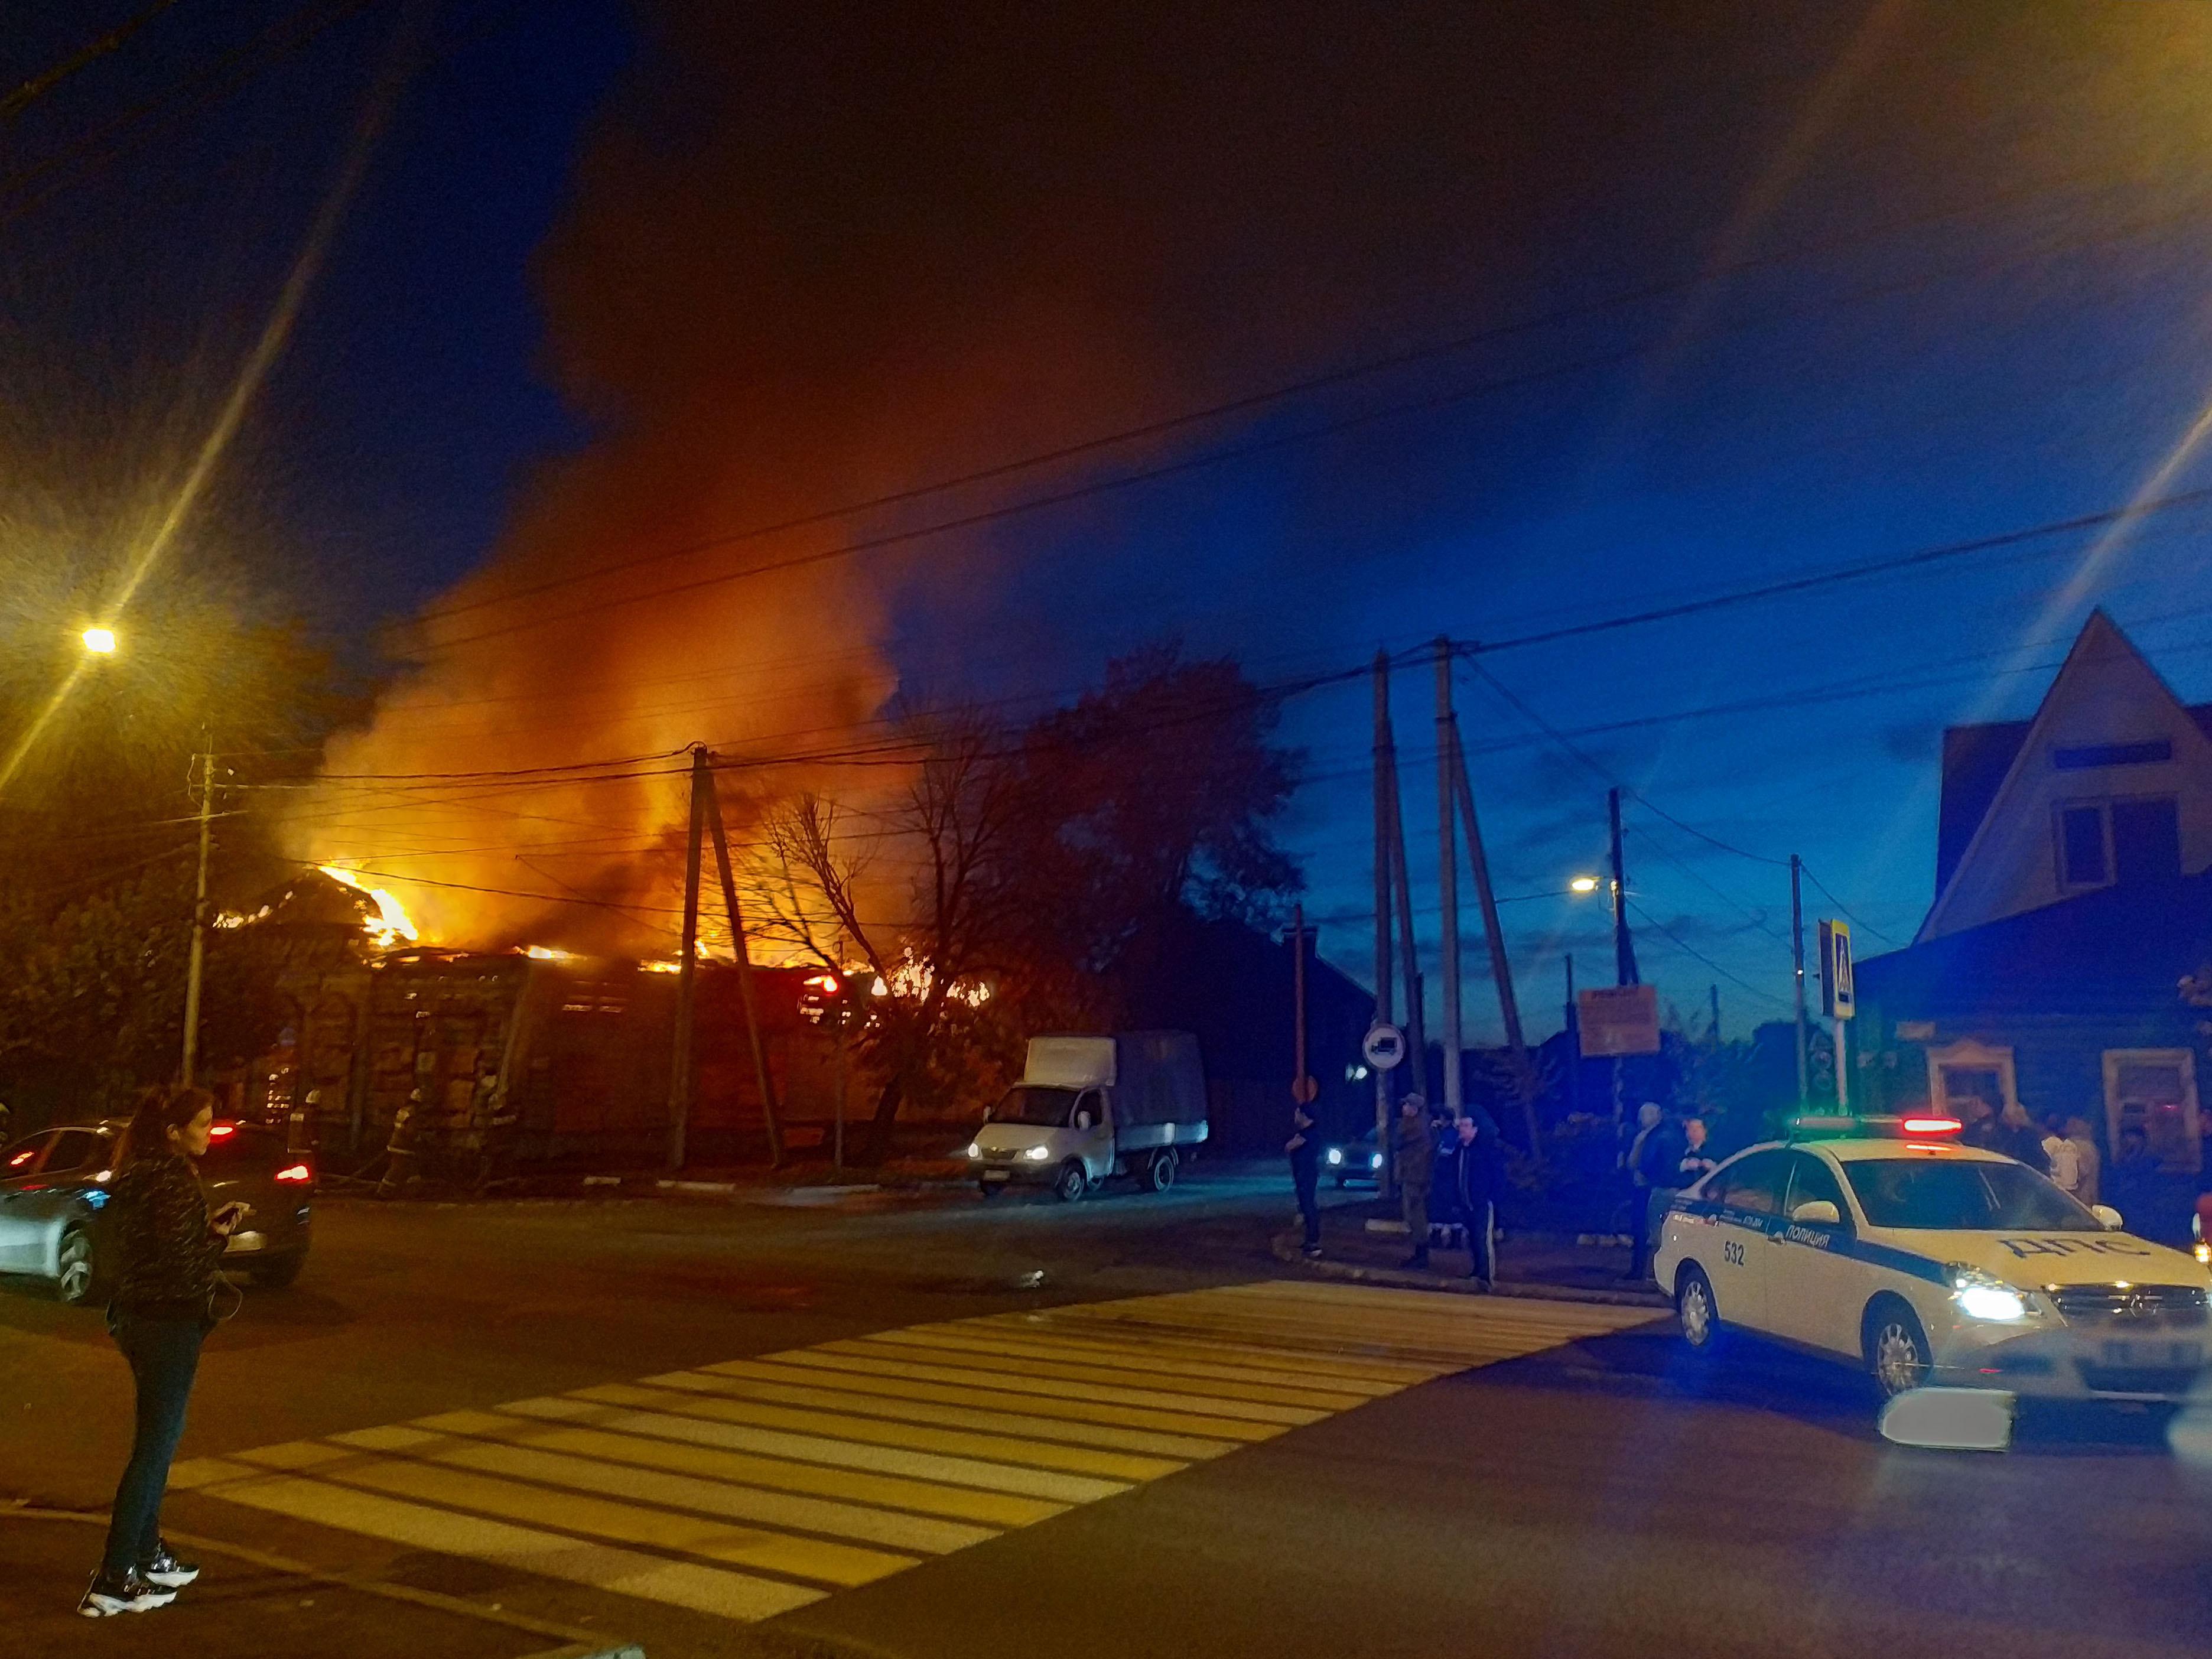 В Тамбове в районе «синего рынка» загорелся разрушающийся памятник культурного наследия регионального значения